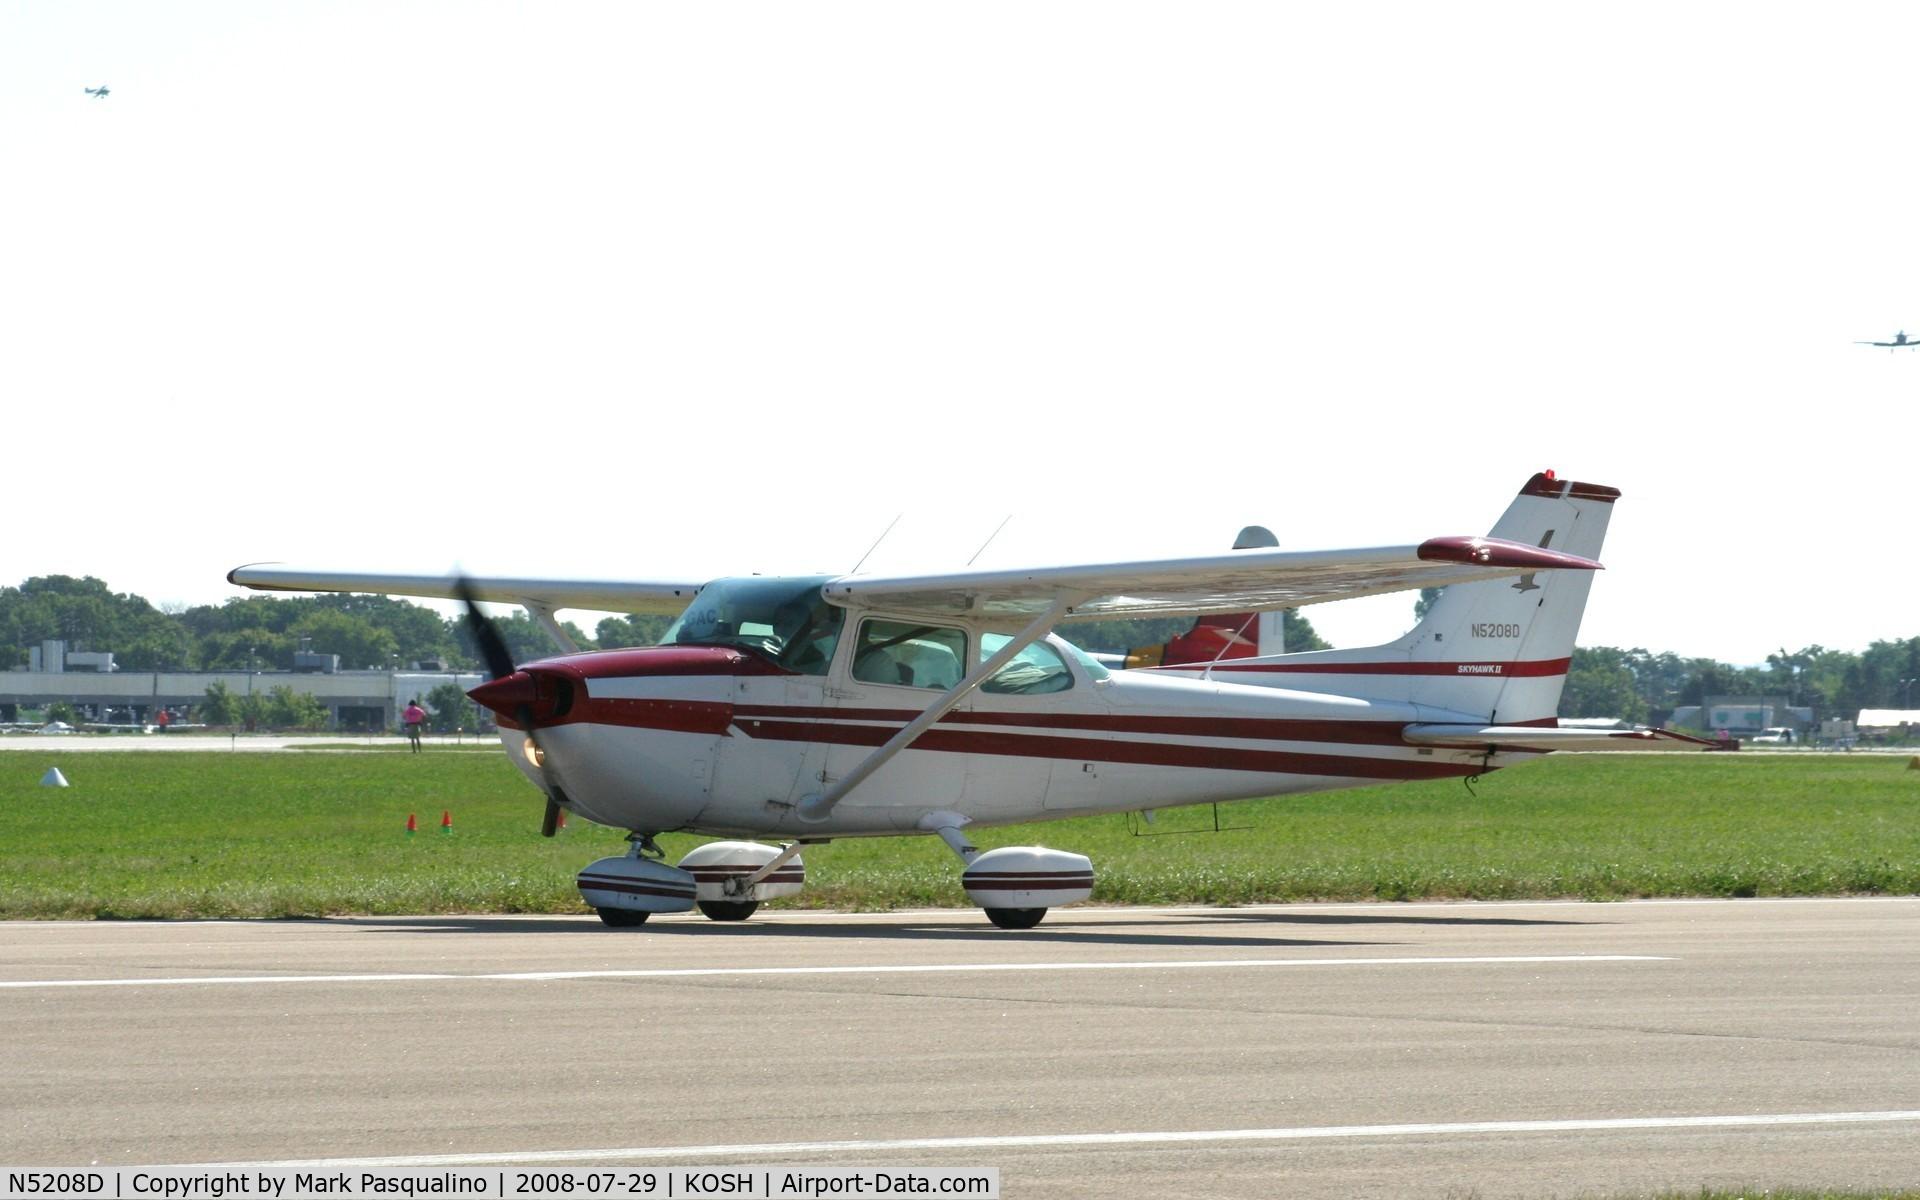 N5208D, 1979 Cessna 172N Skyhawk C/N 17272451, Cessna 172